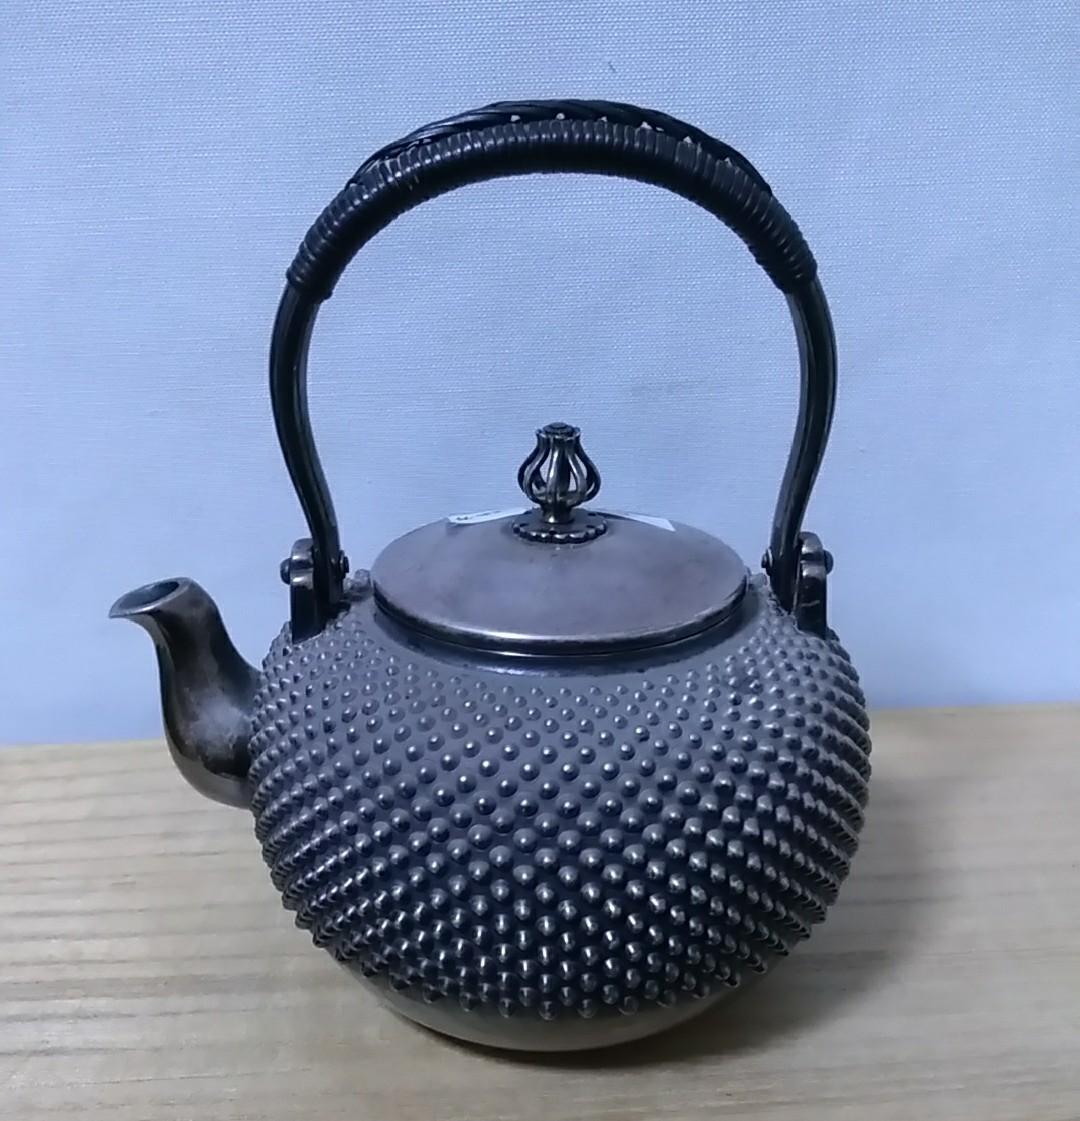 時代 五良三郎造 純銀 玉霰 花蕾式摘蓋 銀瓶 湯沸 在印 246g 蔵出し品 煎茶道具_画像1